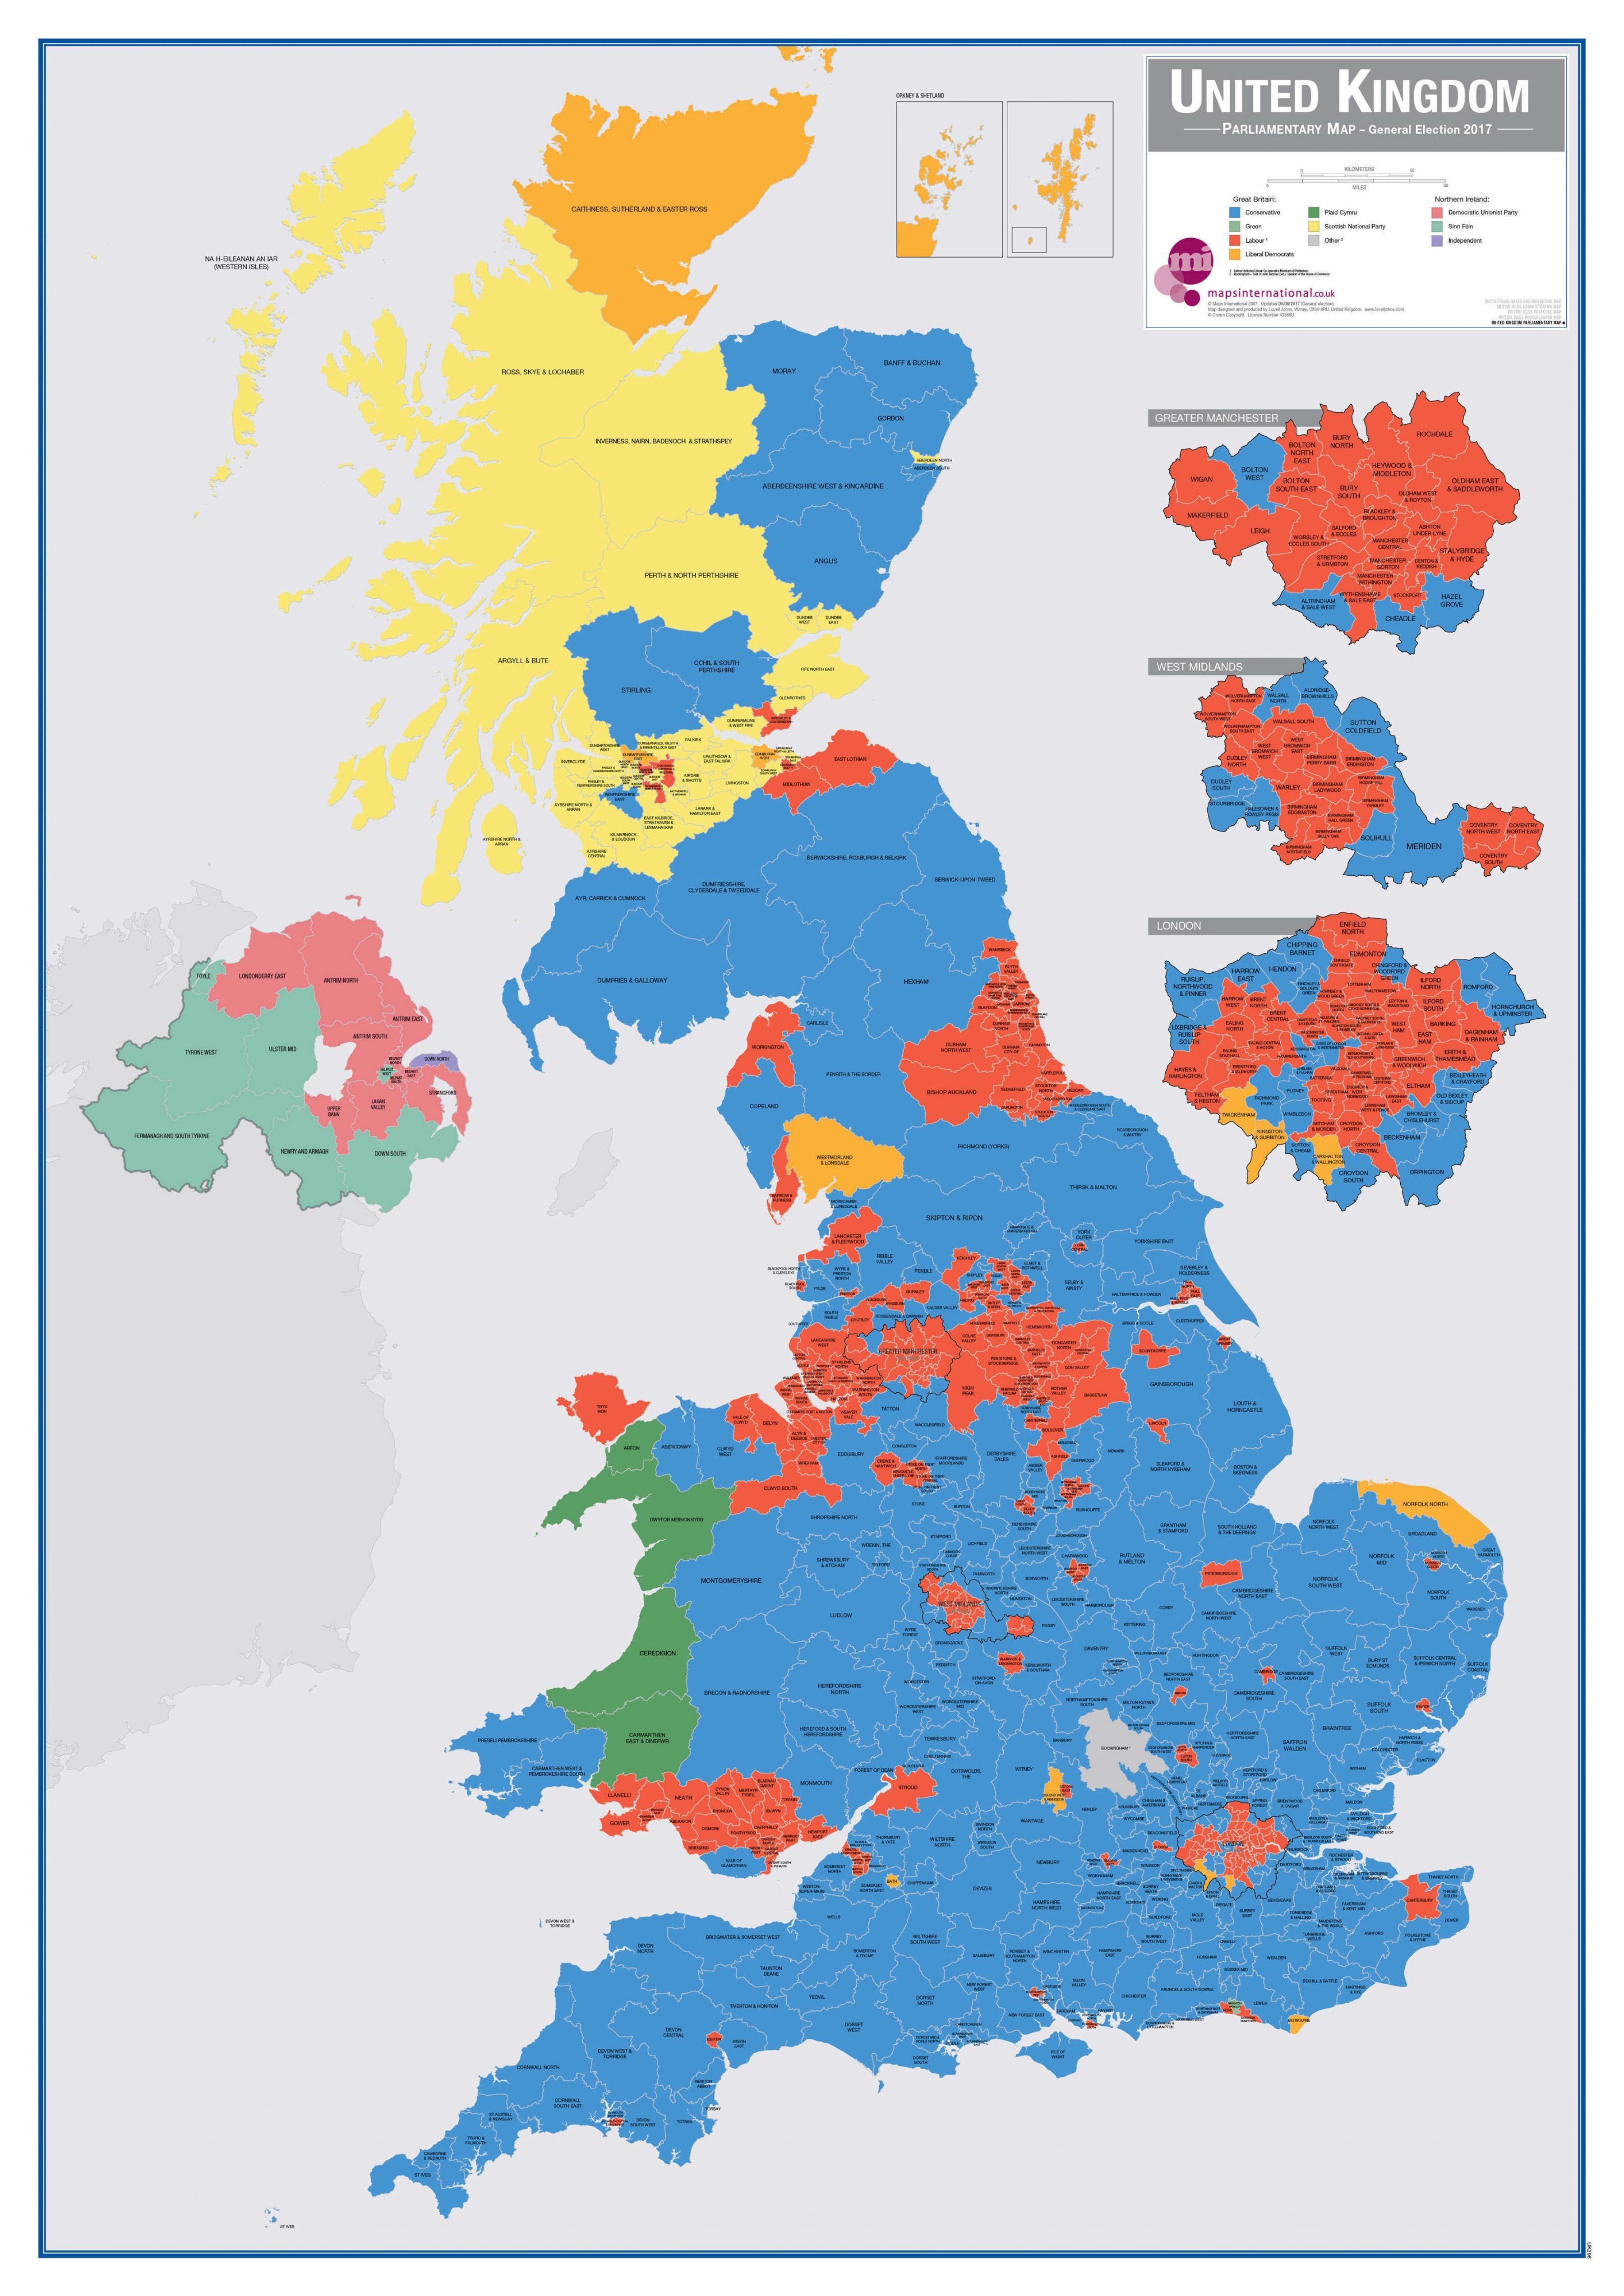 Karte Uk.Karte Von East Coast Grossbritannien Karte Von East Uk